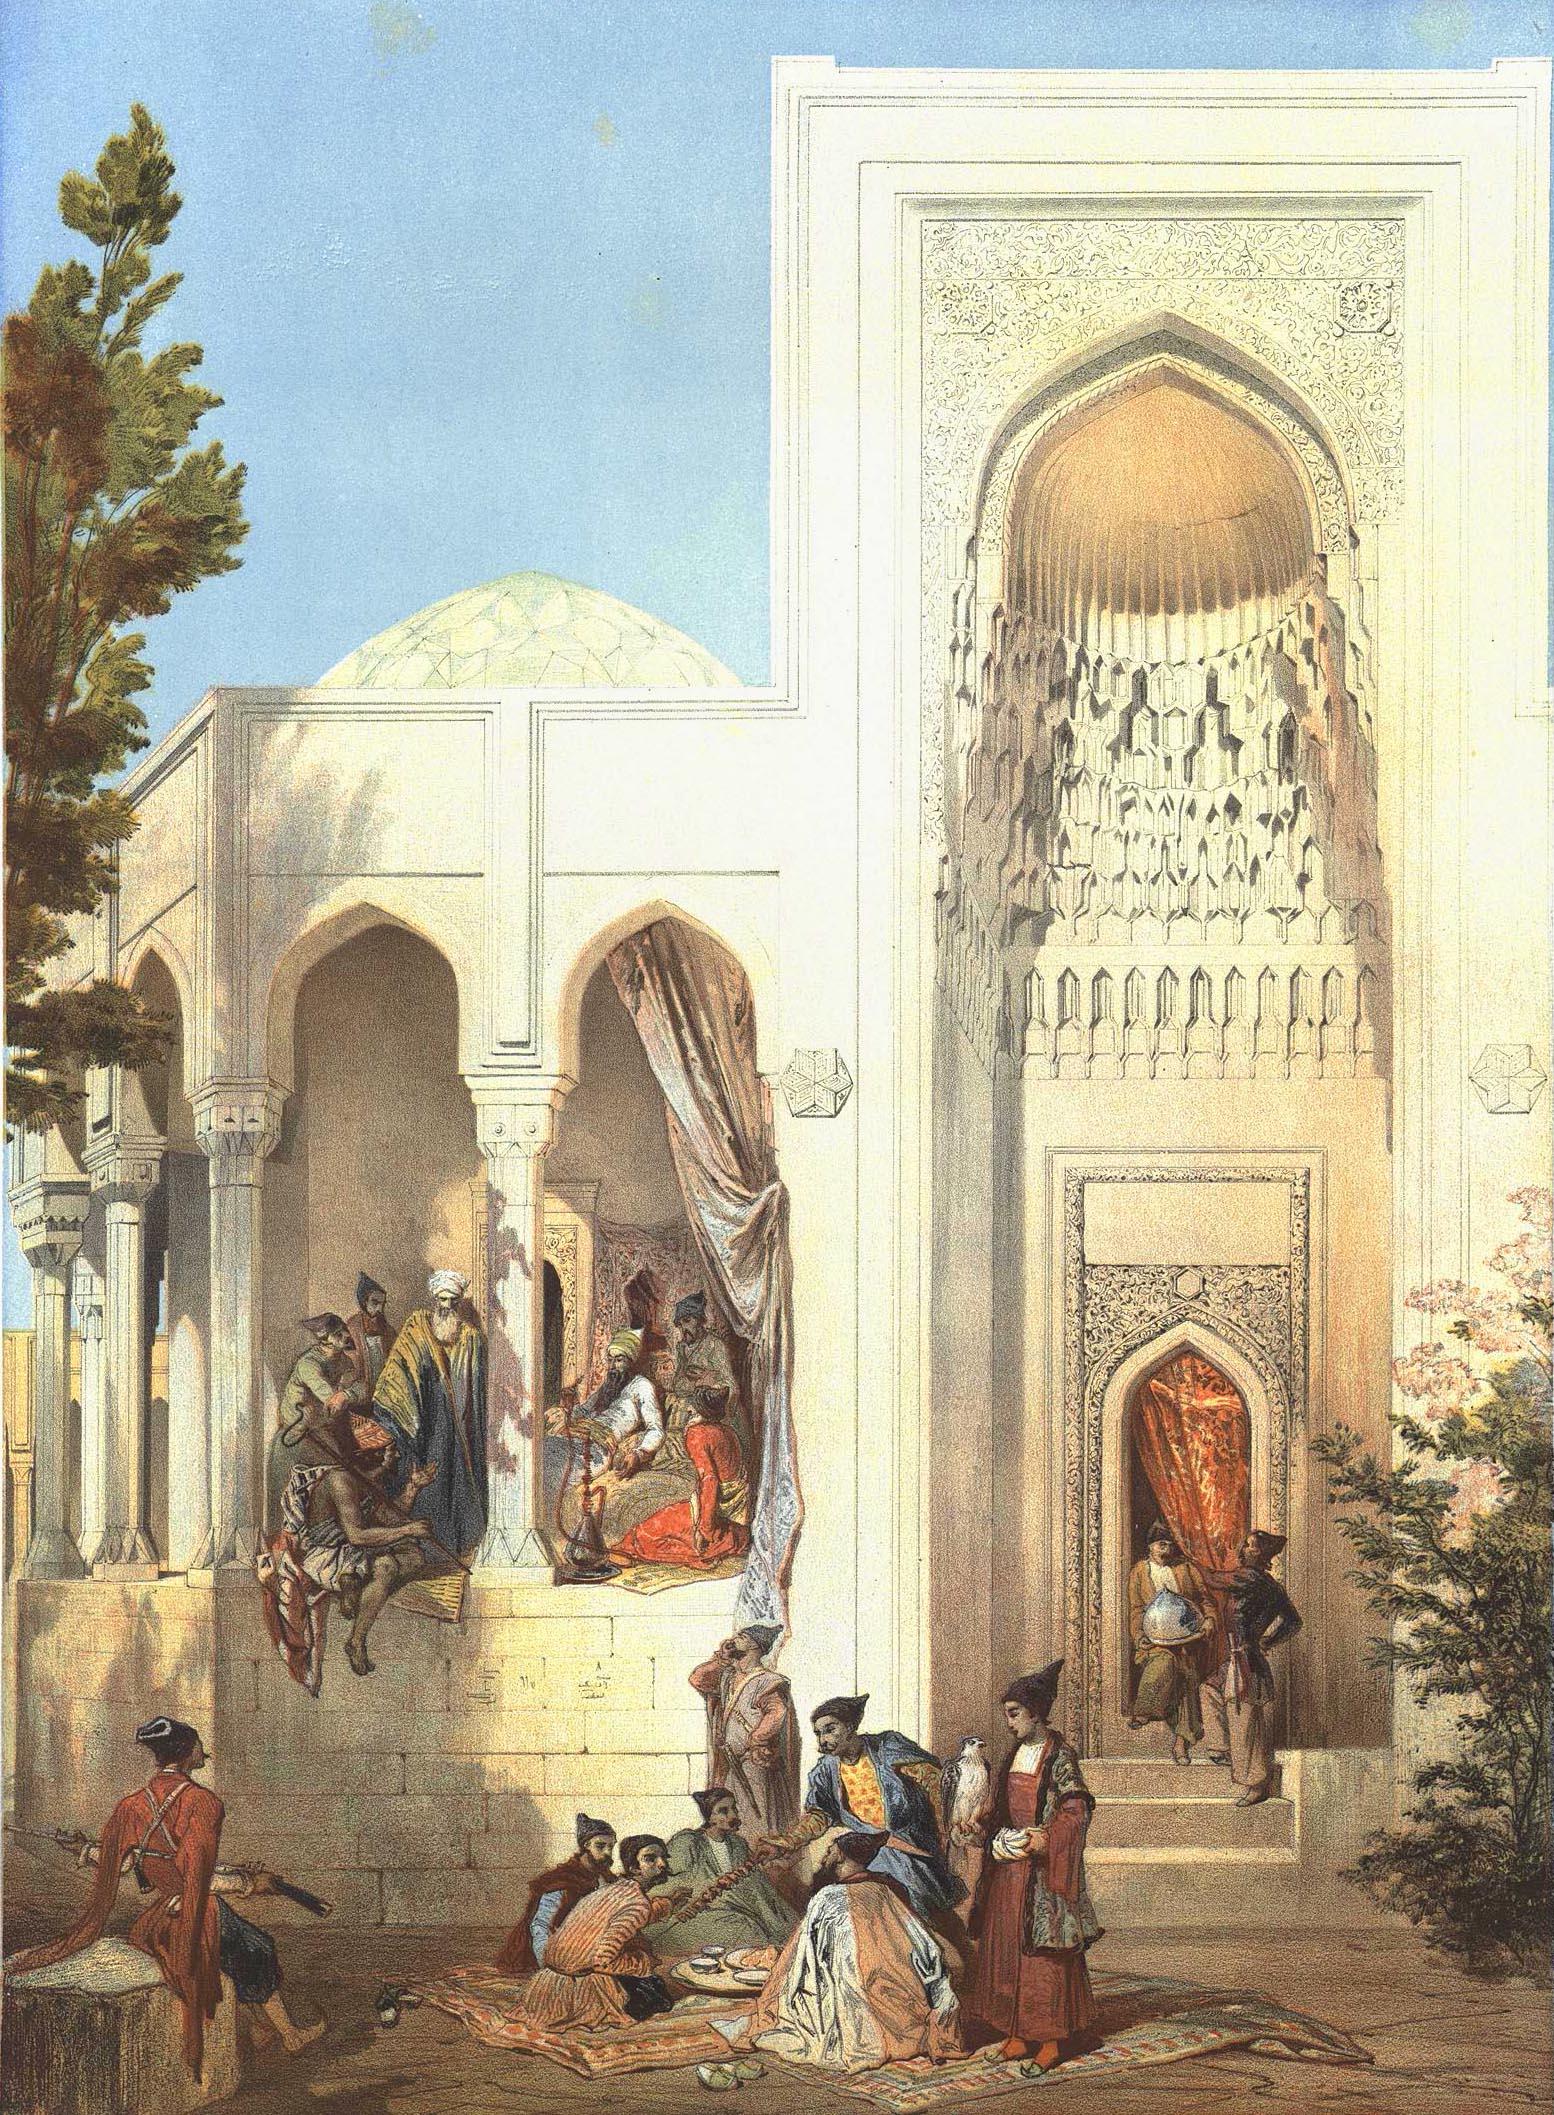 42. Abcheron. Palais du khan de Bakou / Абшерон. Ханский дворец в Баку